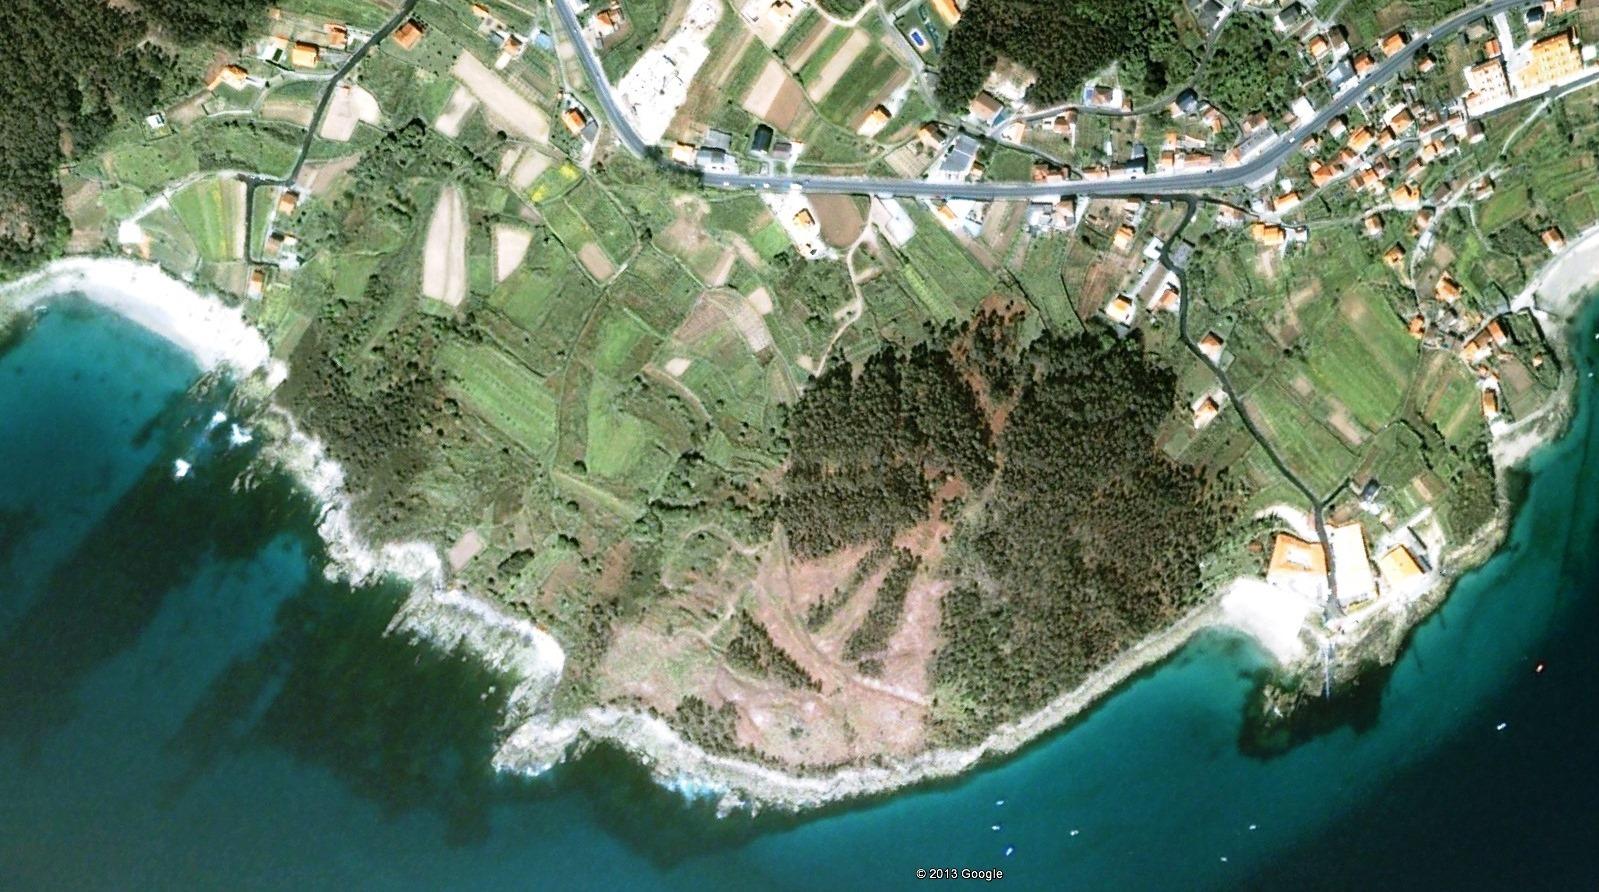 antes, urbanismo, foto aérea, desastre, urbanístico, planeamiento, urbano, construcción, Sanxenxo, Pontevedra, Costa